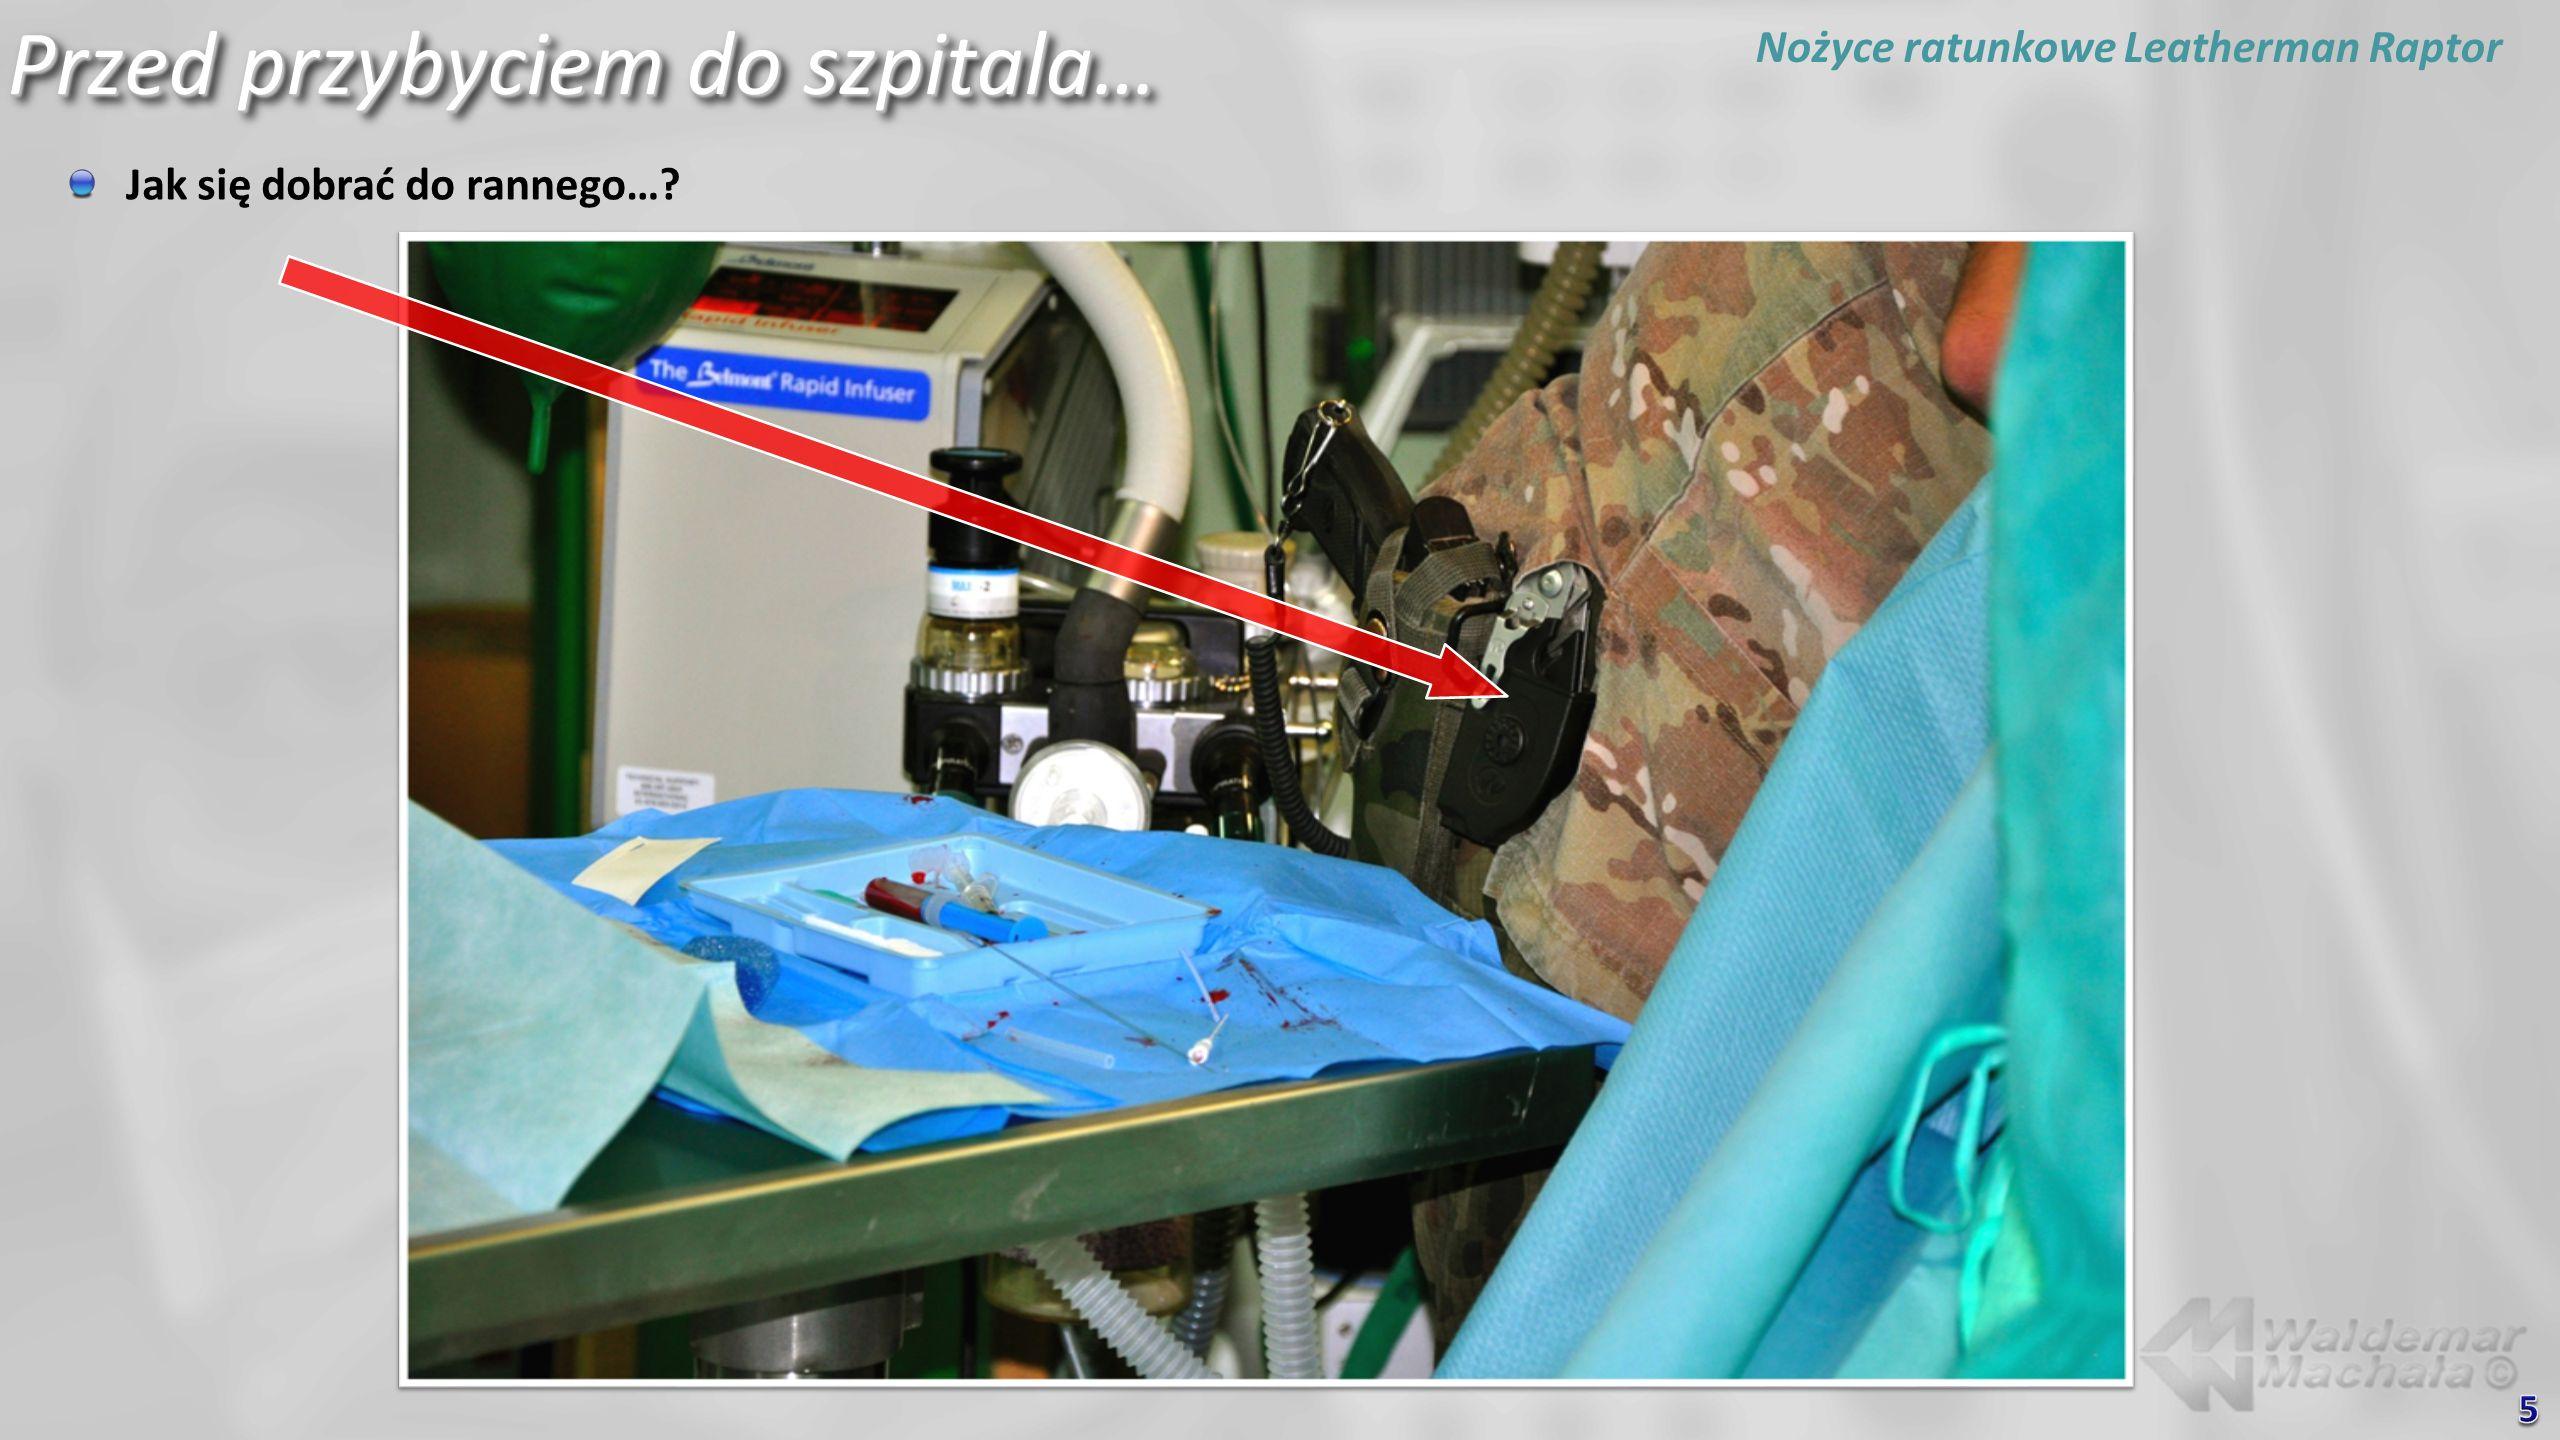 Przed przybyciem do szpitala… Jak się dobrać do rannego…? Zbijak Nożyce ratunkowe Leatherman Raptor